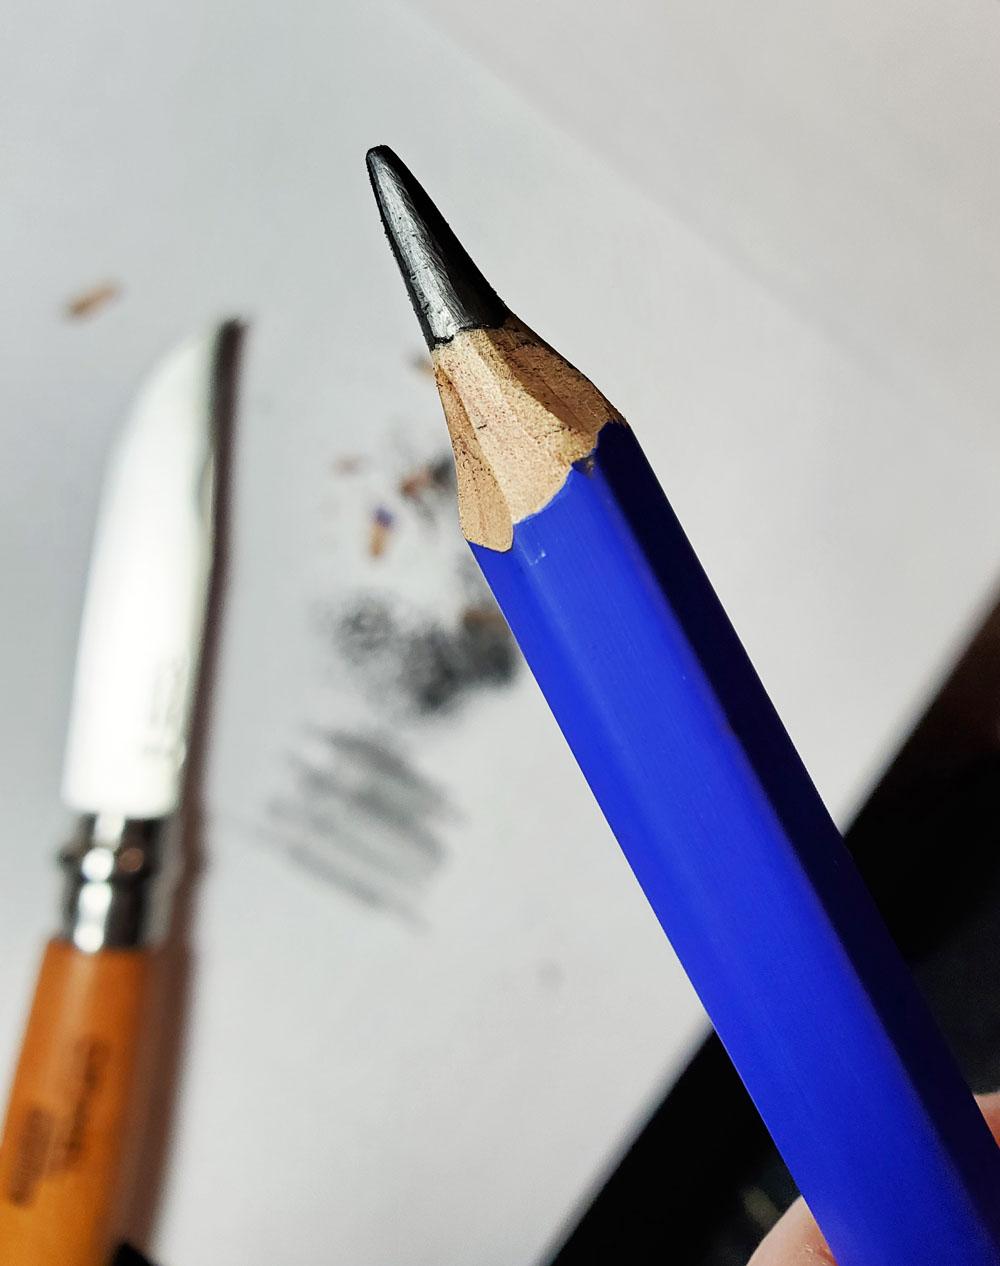 8 - Klein Blue maxi sharpened